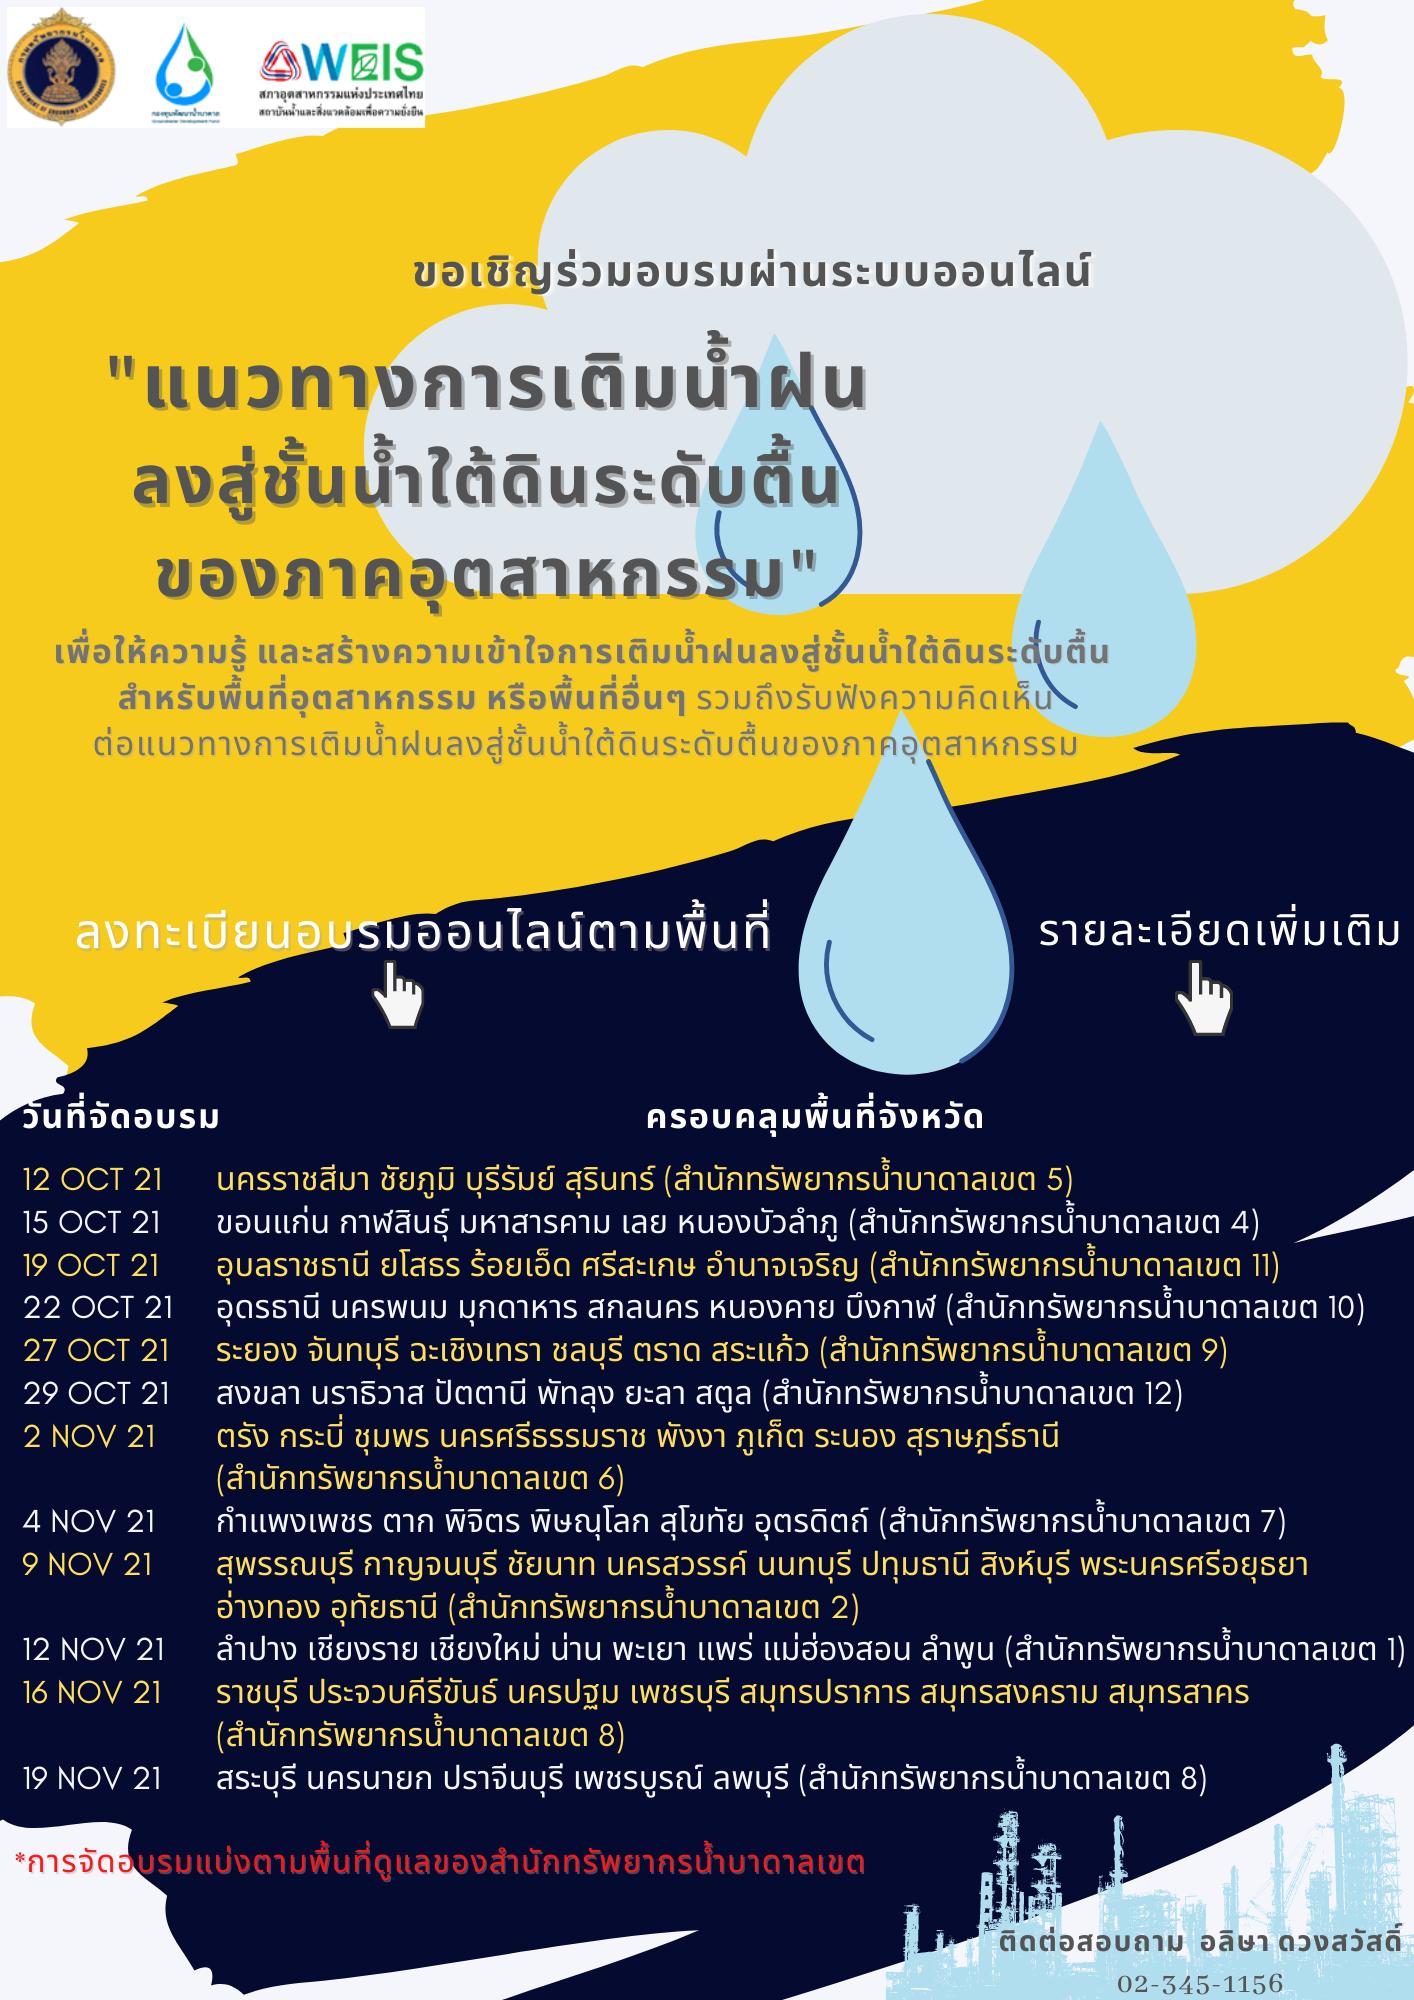 """ขอเชิญท่านเข้าร่วมงานอบรมให้ความรู้ (ออนไลน์) ในหัวข้อ """"แนวทางการเติมน้ำฝนลงสู่ชั้นน้ำใต้ดินระดับตื้นของภาคอุตสาหกรรม"""" ผ่านระบบออนไลน์ โดยไม่มีค่าใช้จ่าย"""